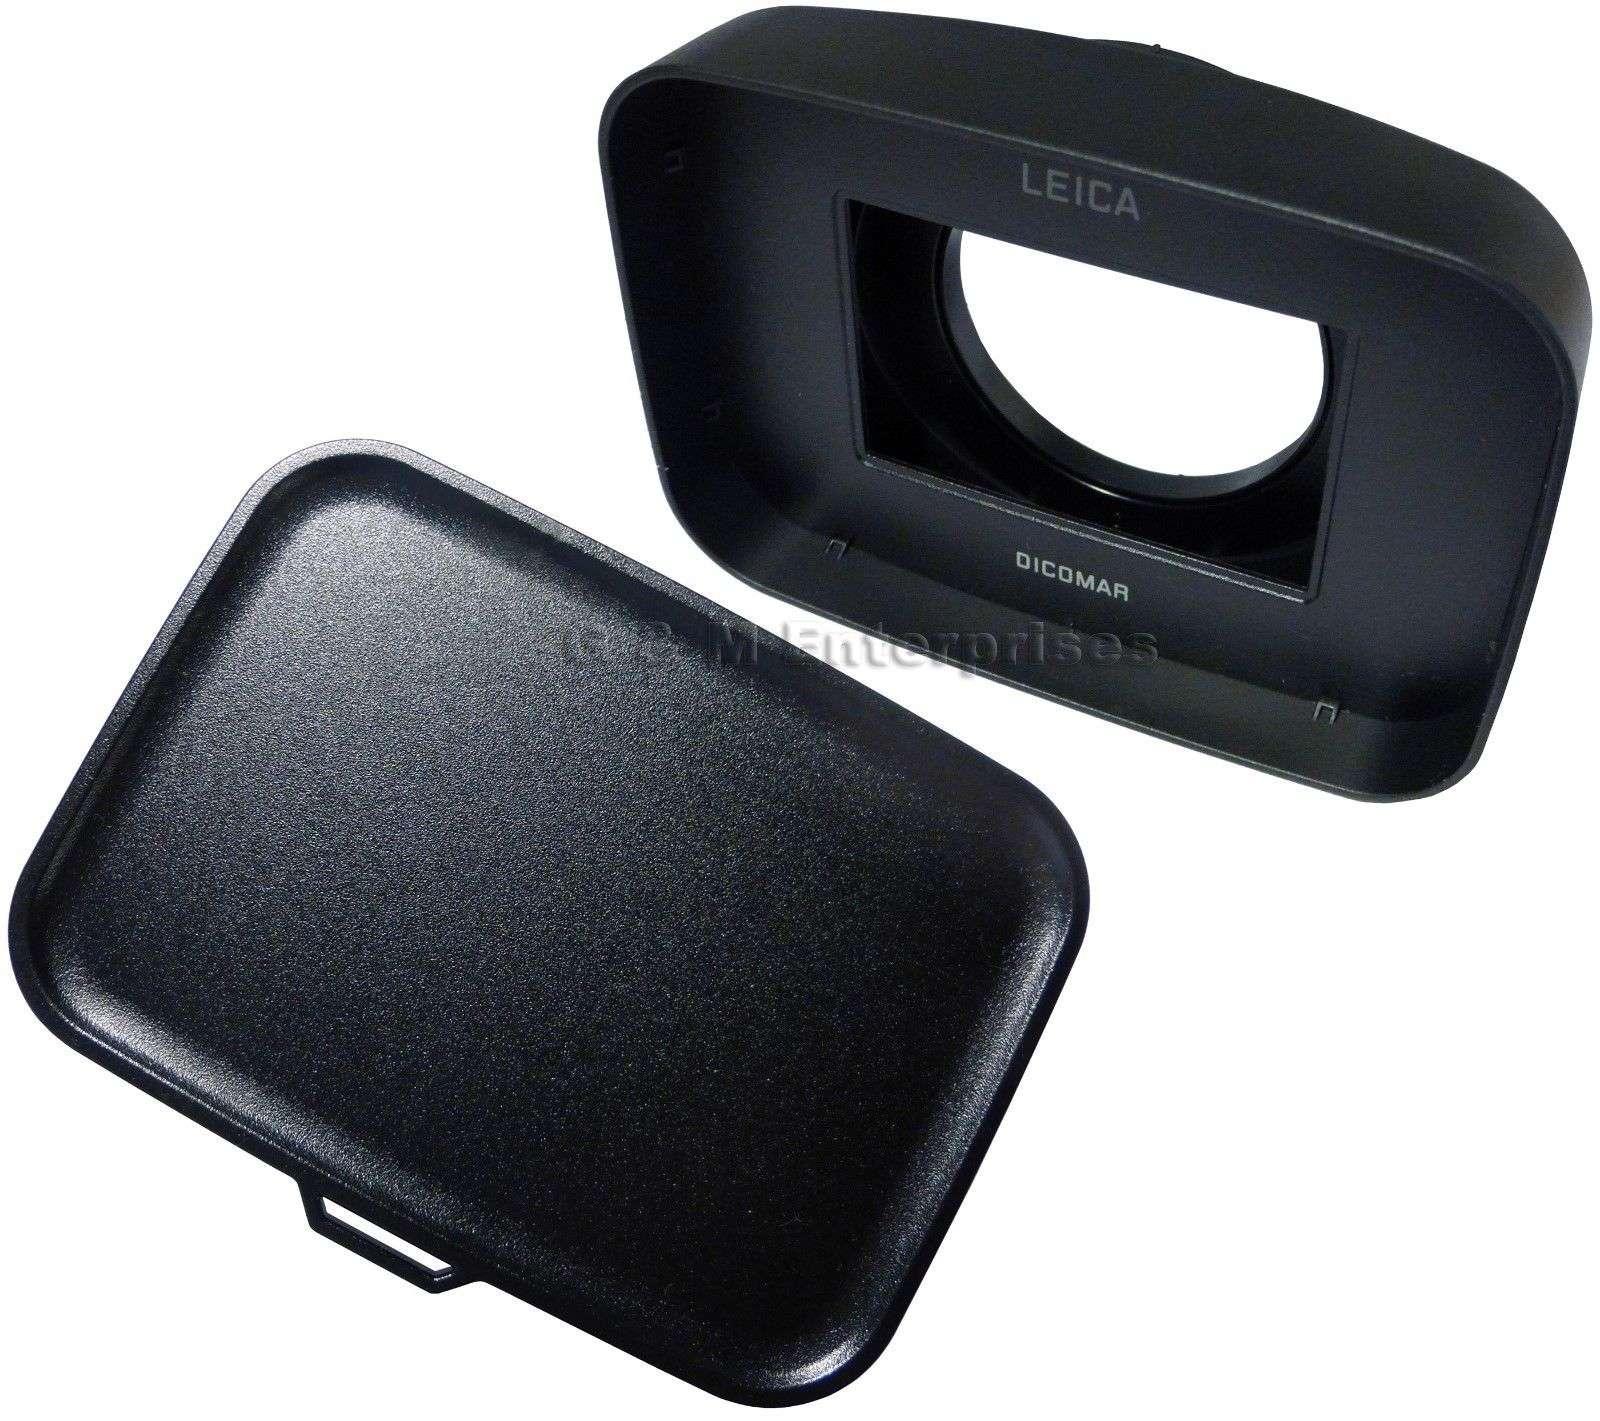 AG-HMC40 New Genuine Panasonic VGQ0H03 Lens Hood Cap for AG-HMC40P US Seller